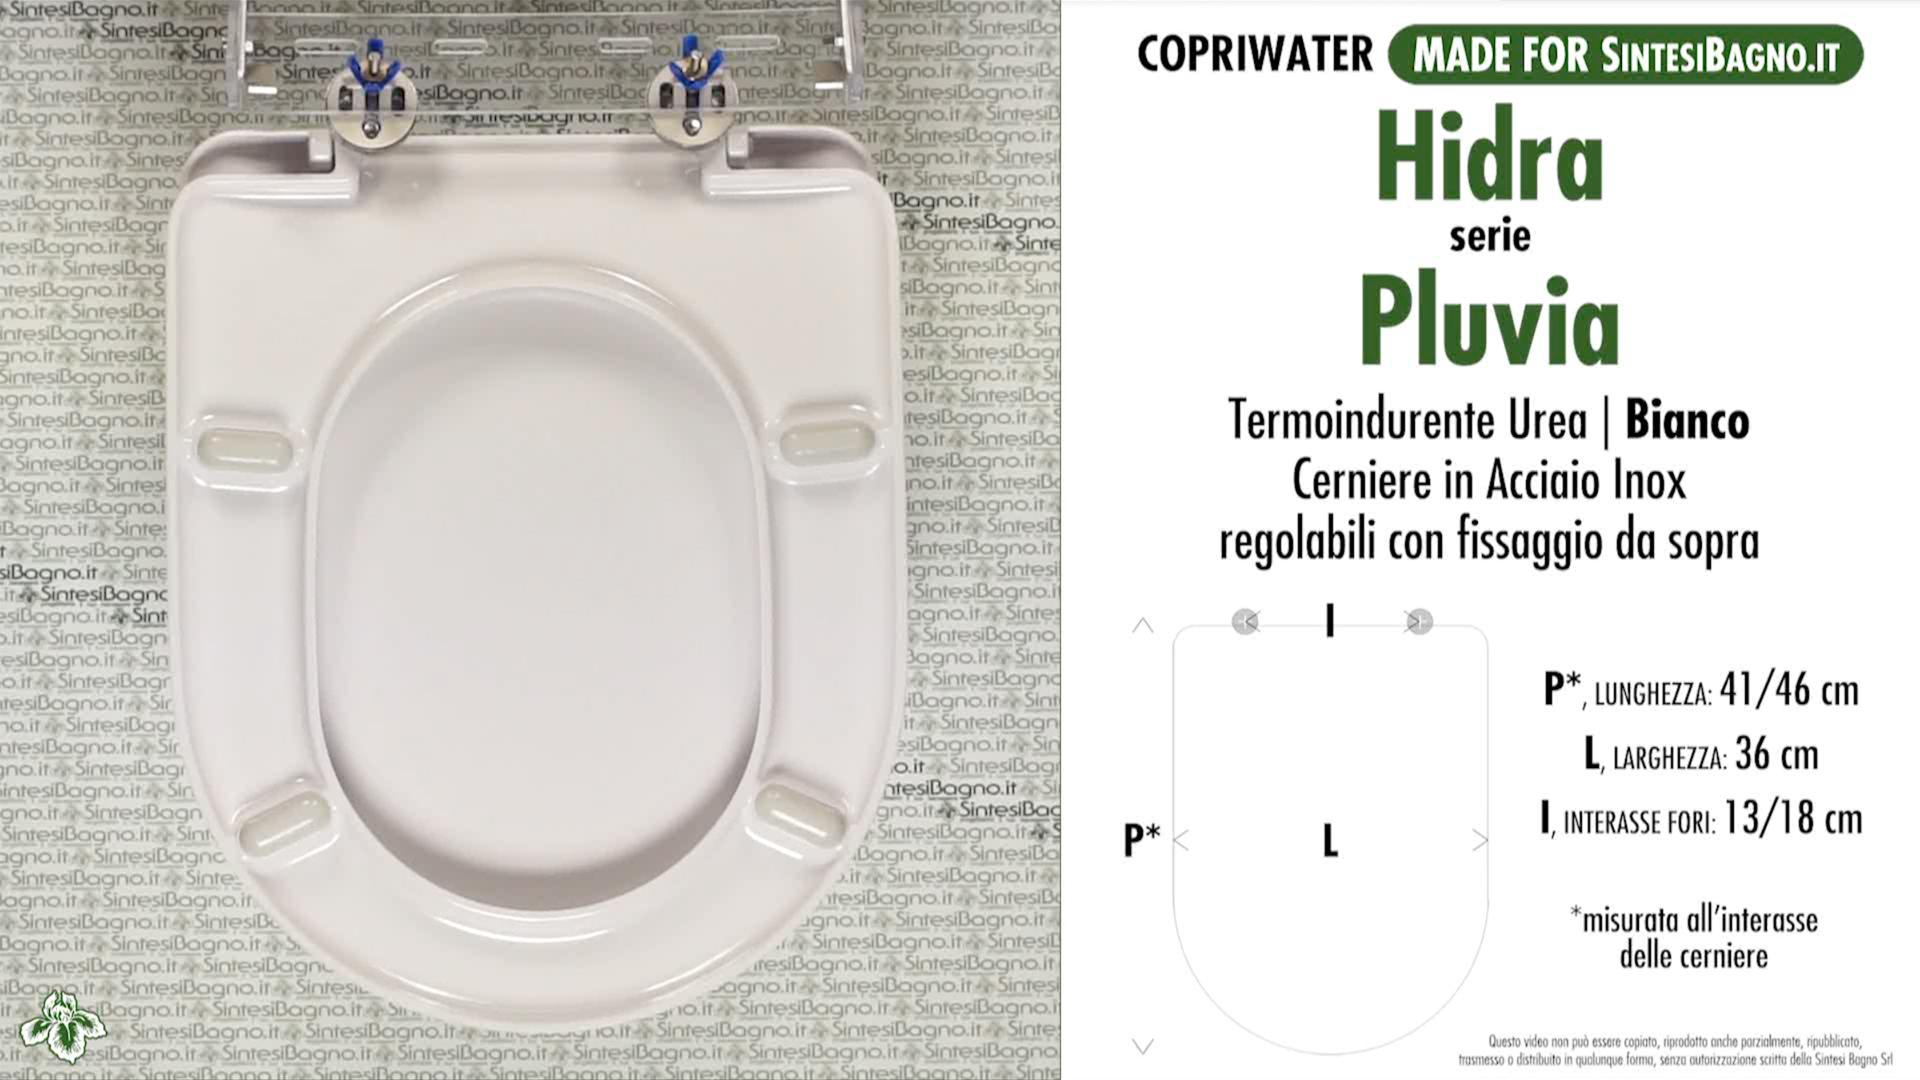 SCHEDA TECNICA MISURE copriwater HIDRA PLUVIA